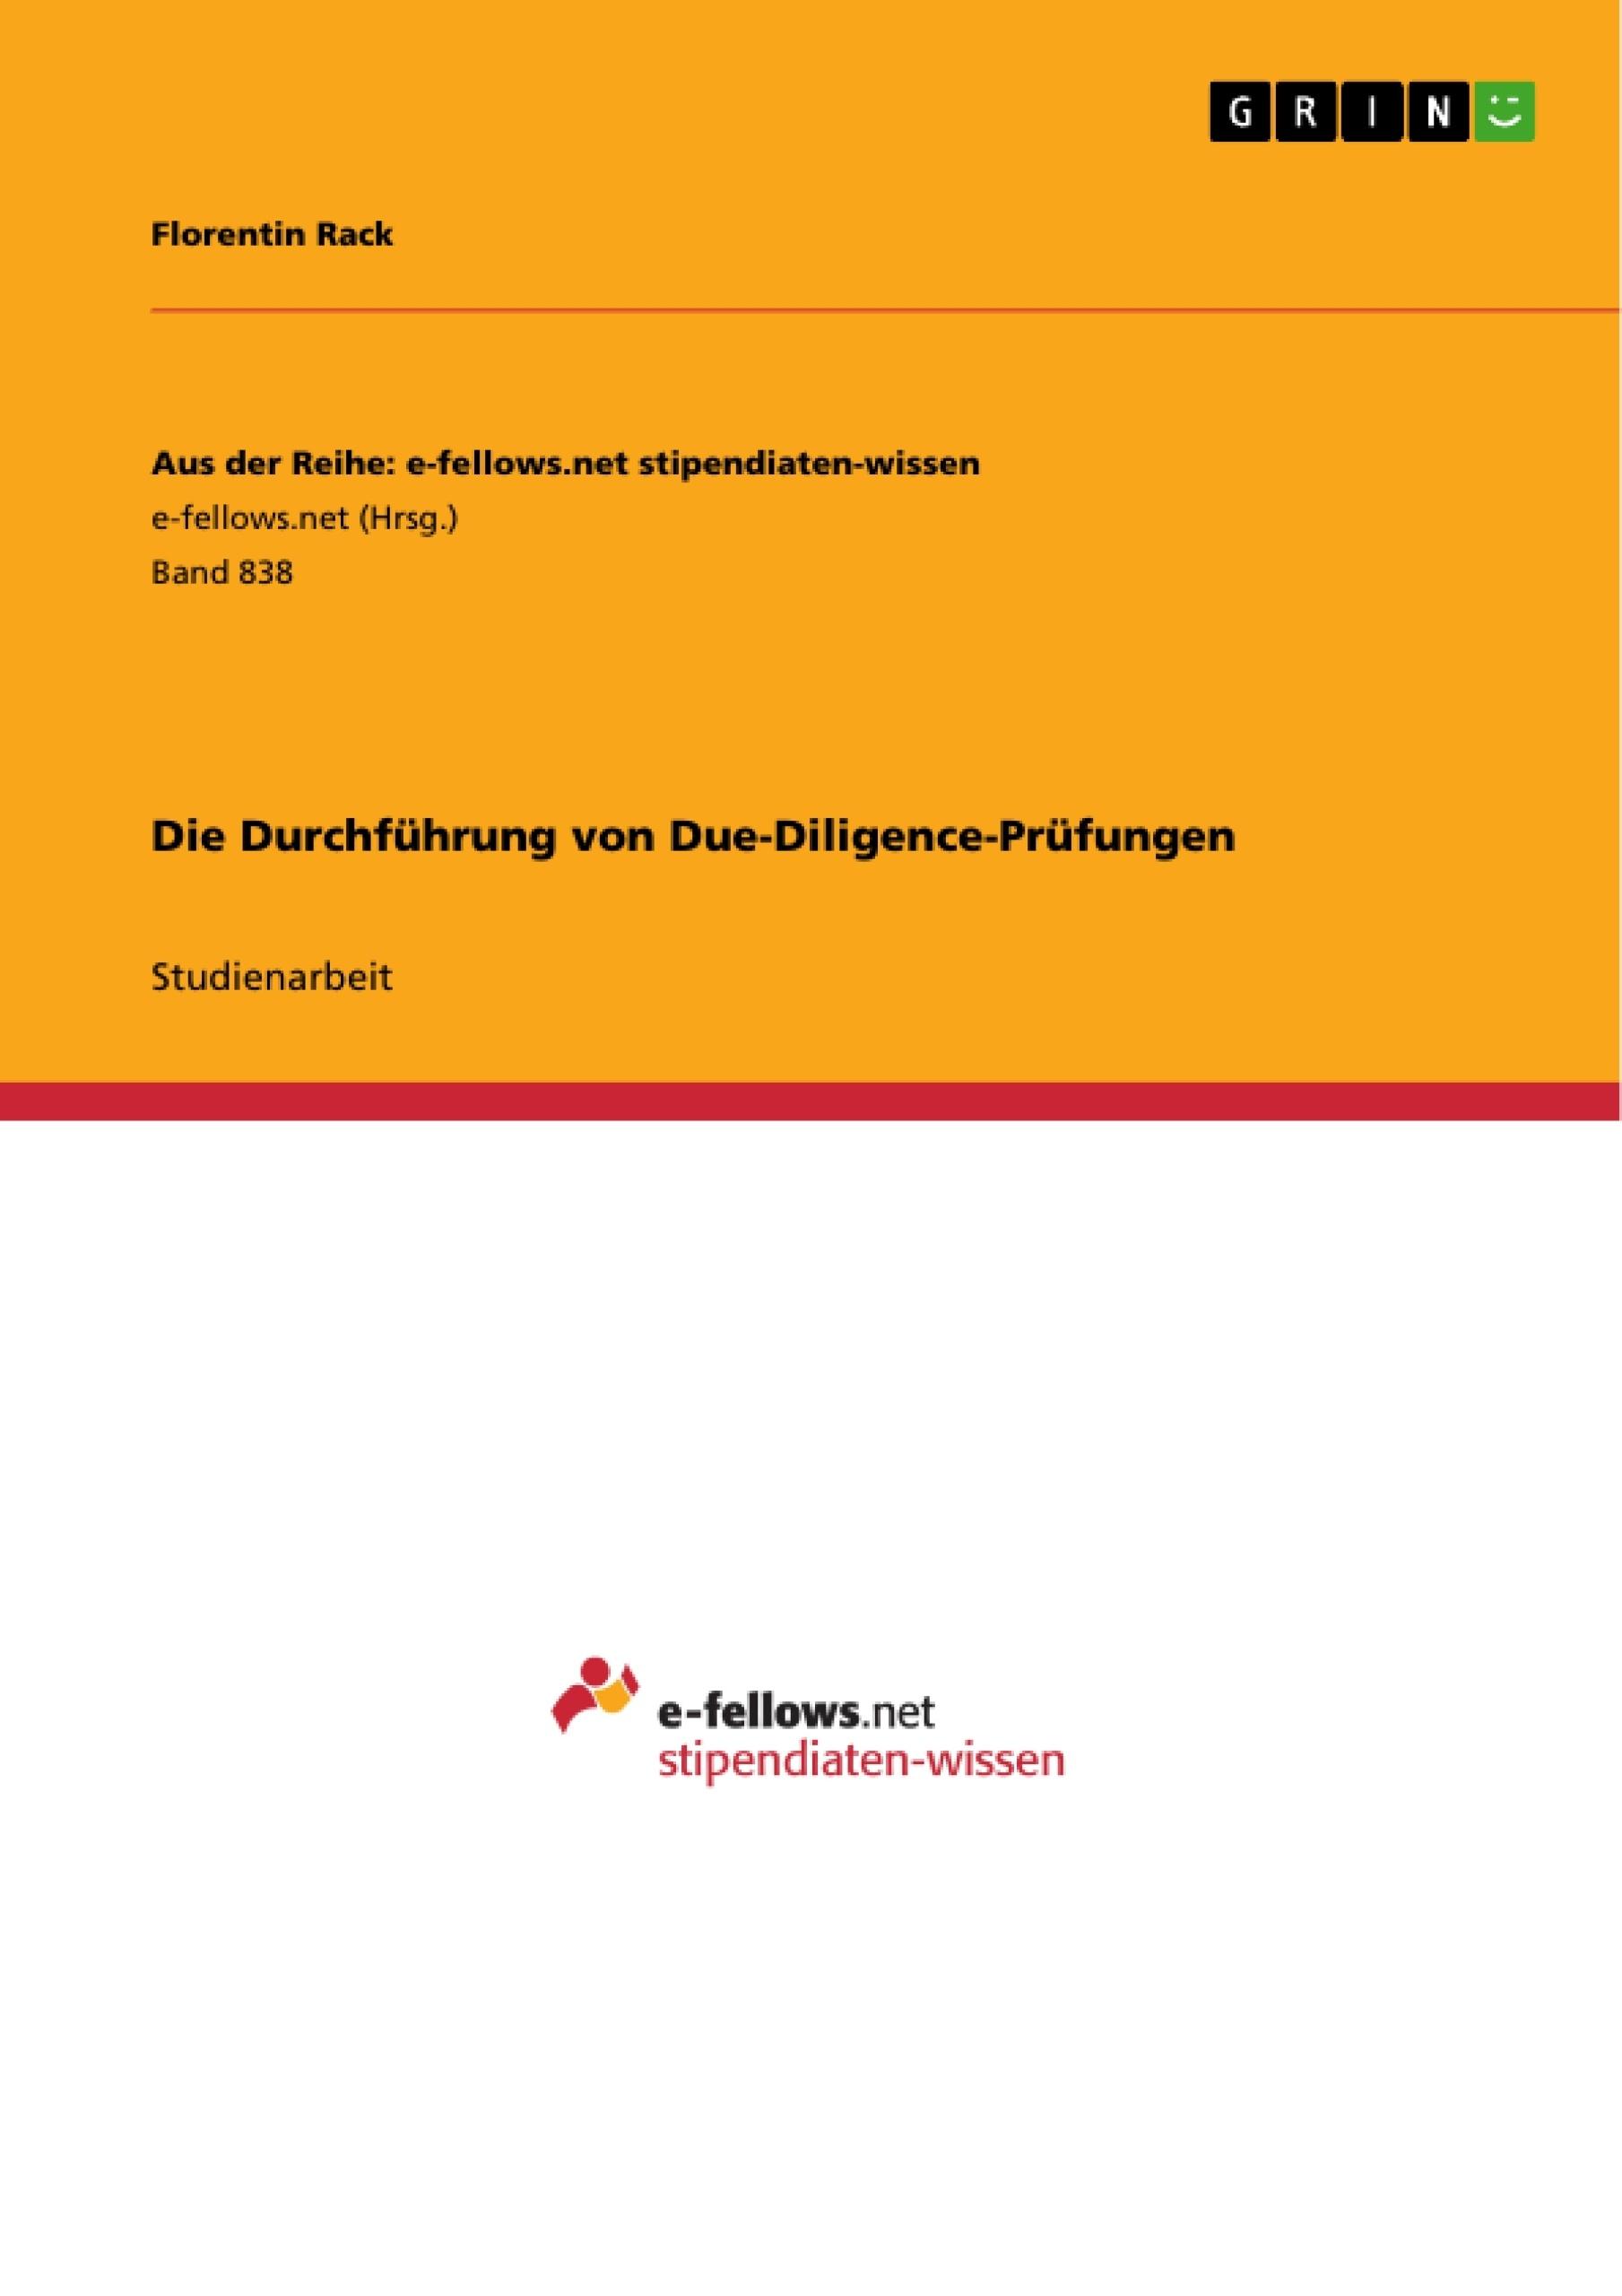 Titel: Die Durchführung von Due-Diligence-Prüfungen